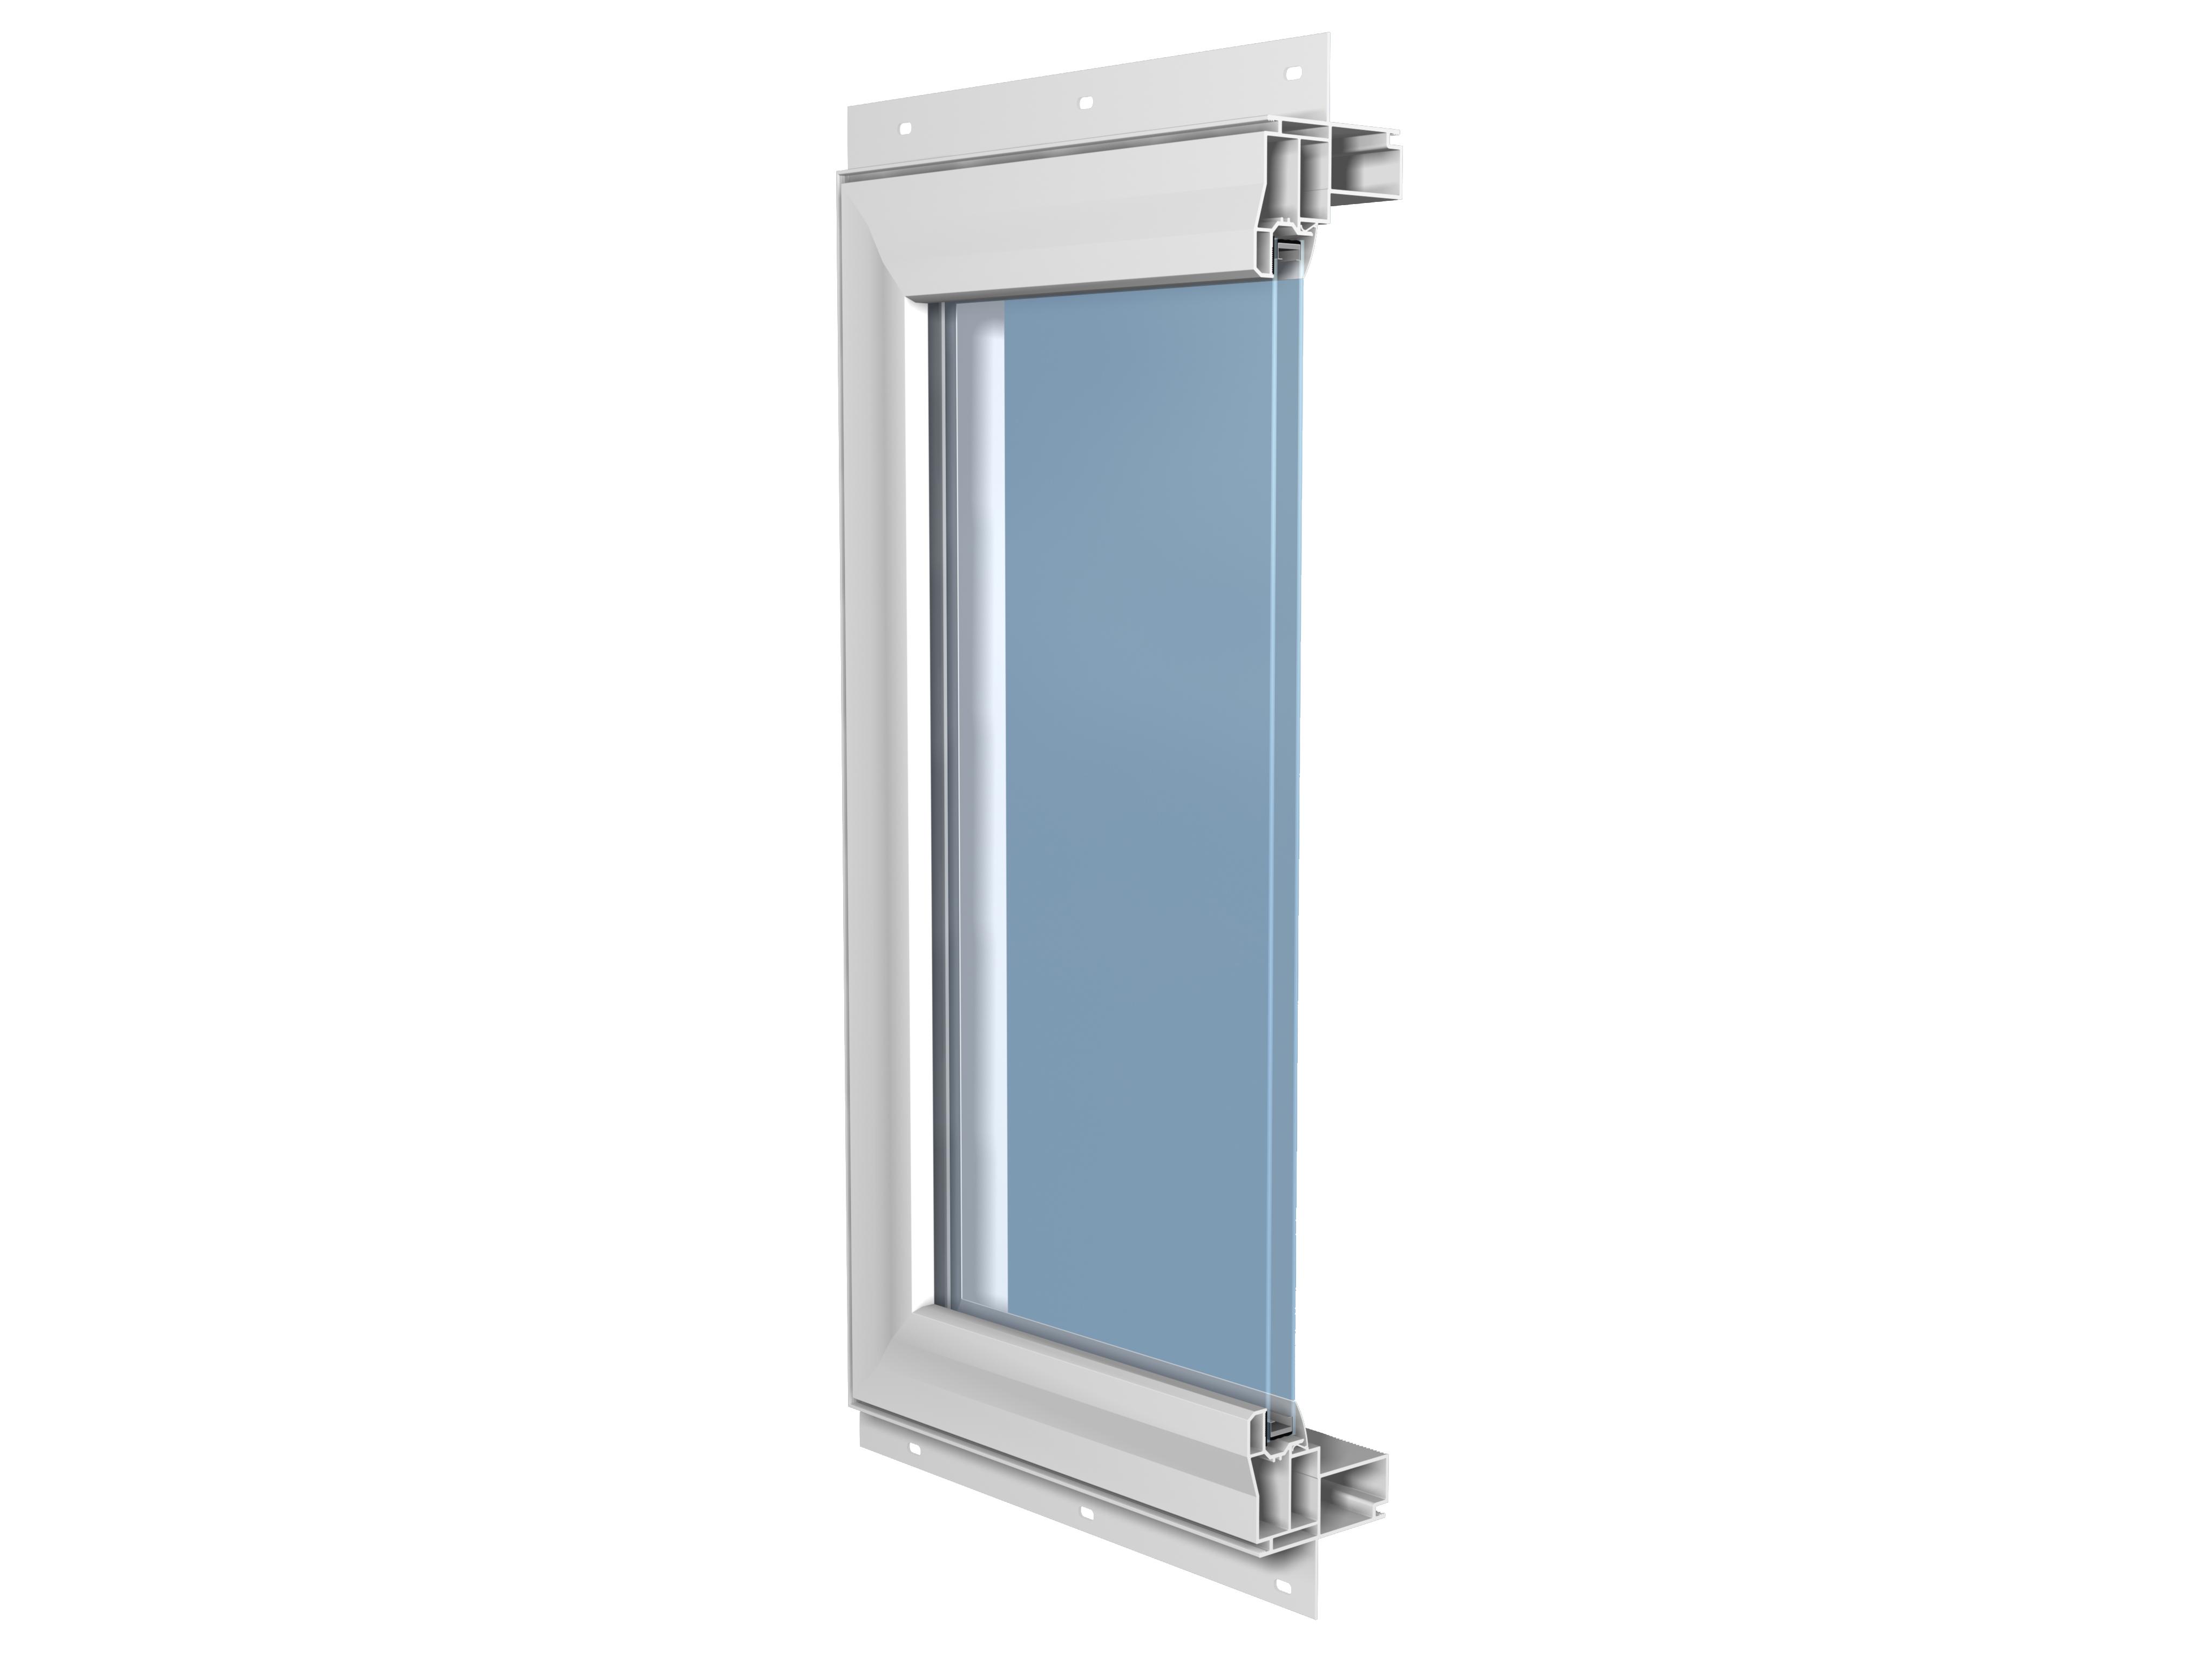 garage door plastic window insertsInserts For Garage Door Windows cauroracom Just All About Windows